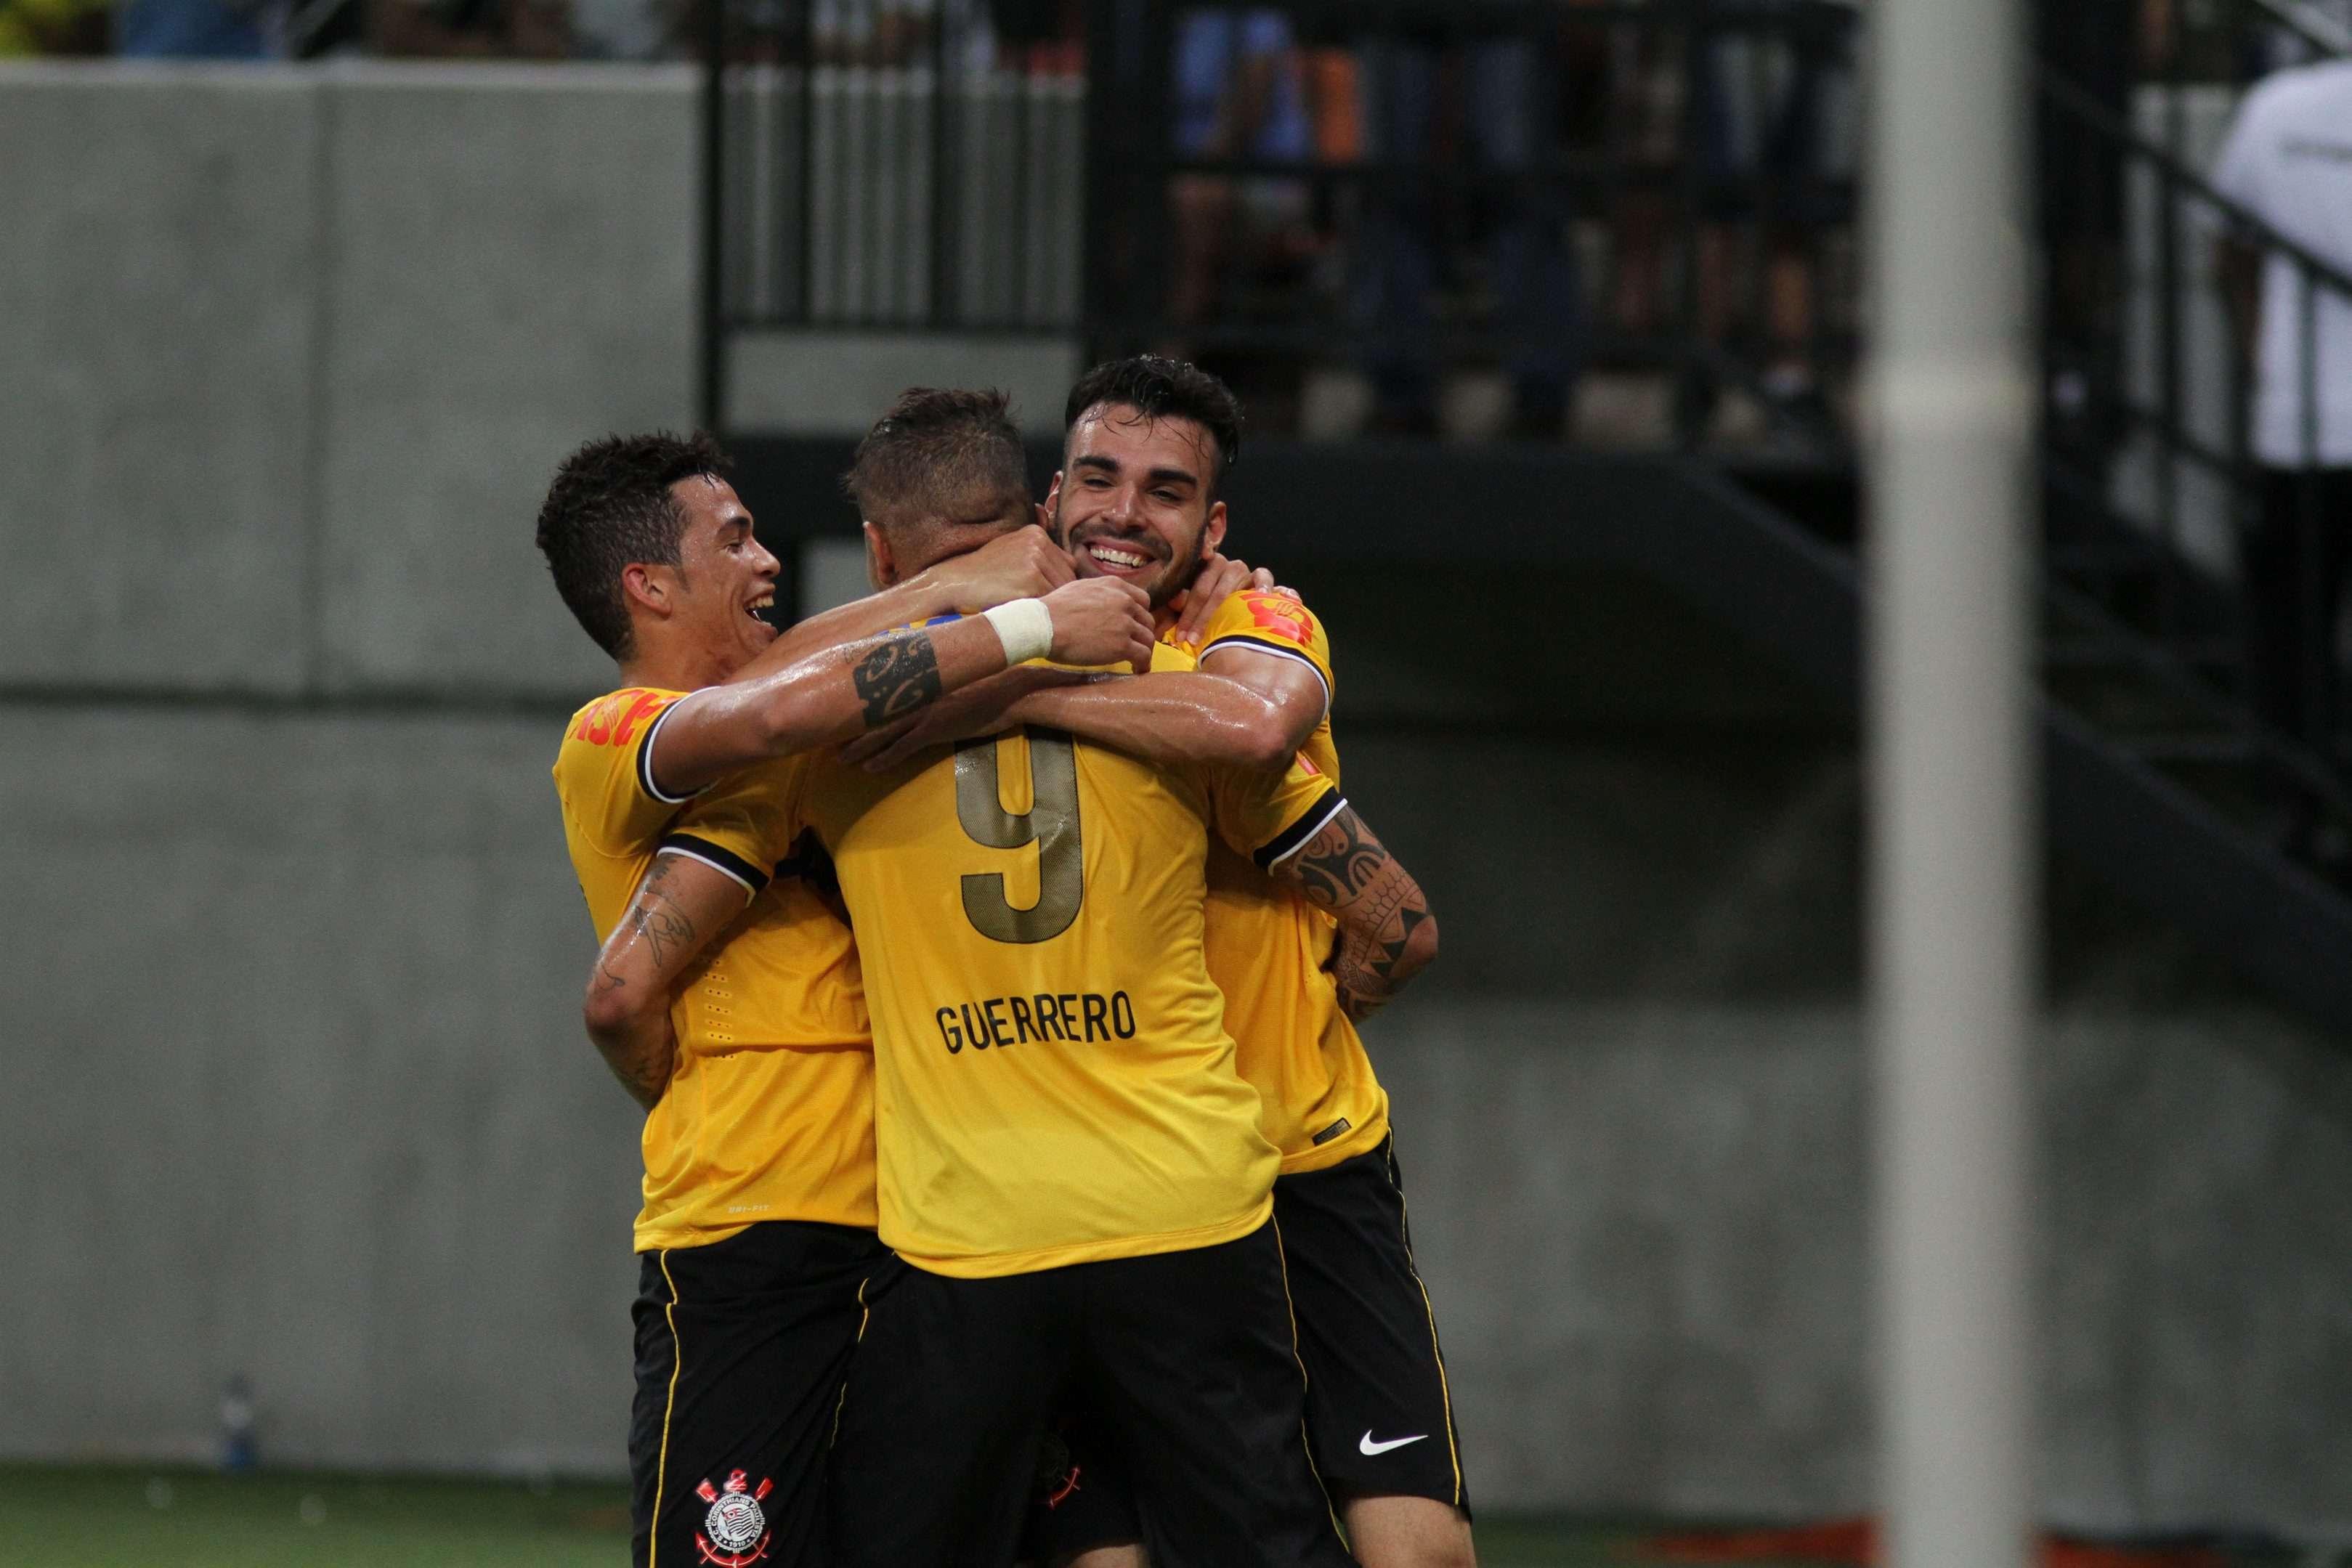 Jogadores do Corinthians festejam gol na partida contra o Nacional em Manaus Foto: Clóvis Miranda/A Crítica/Agência Lance